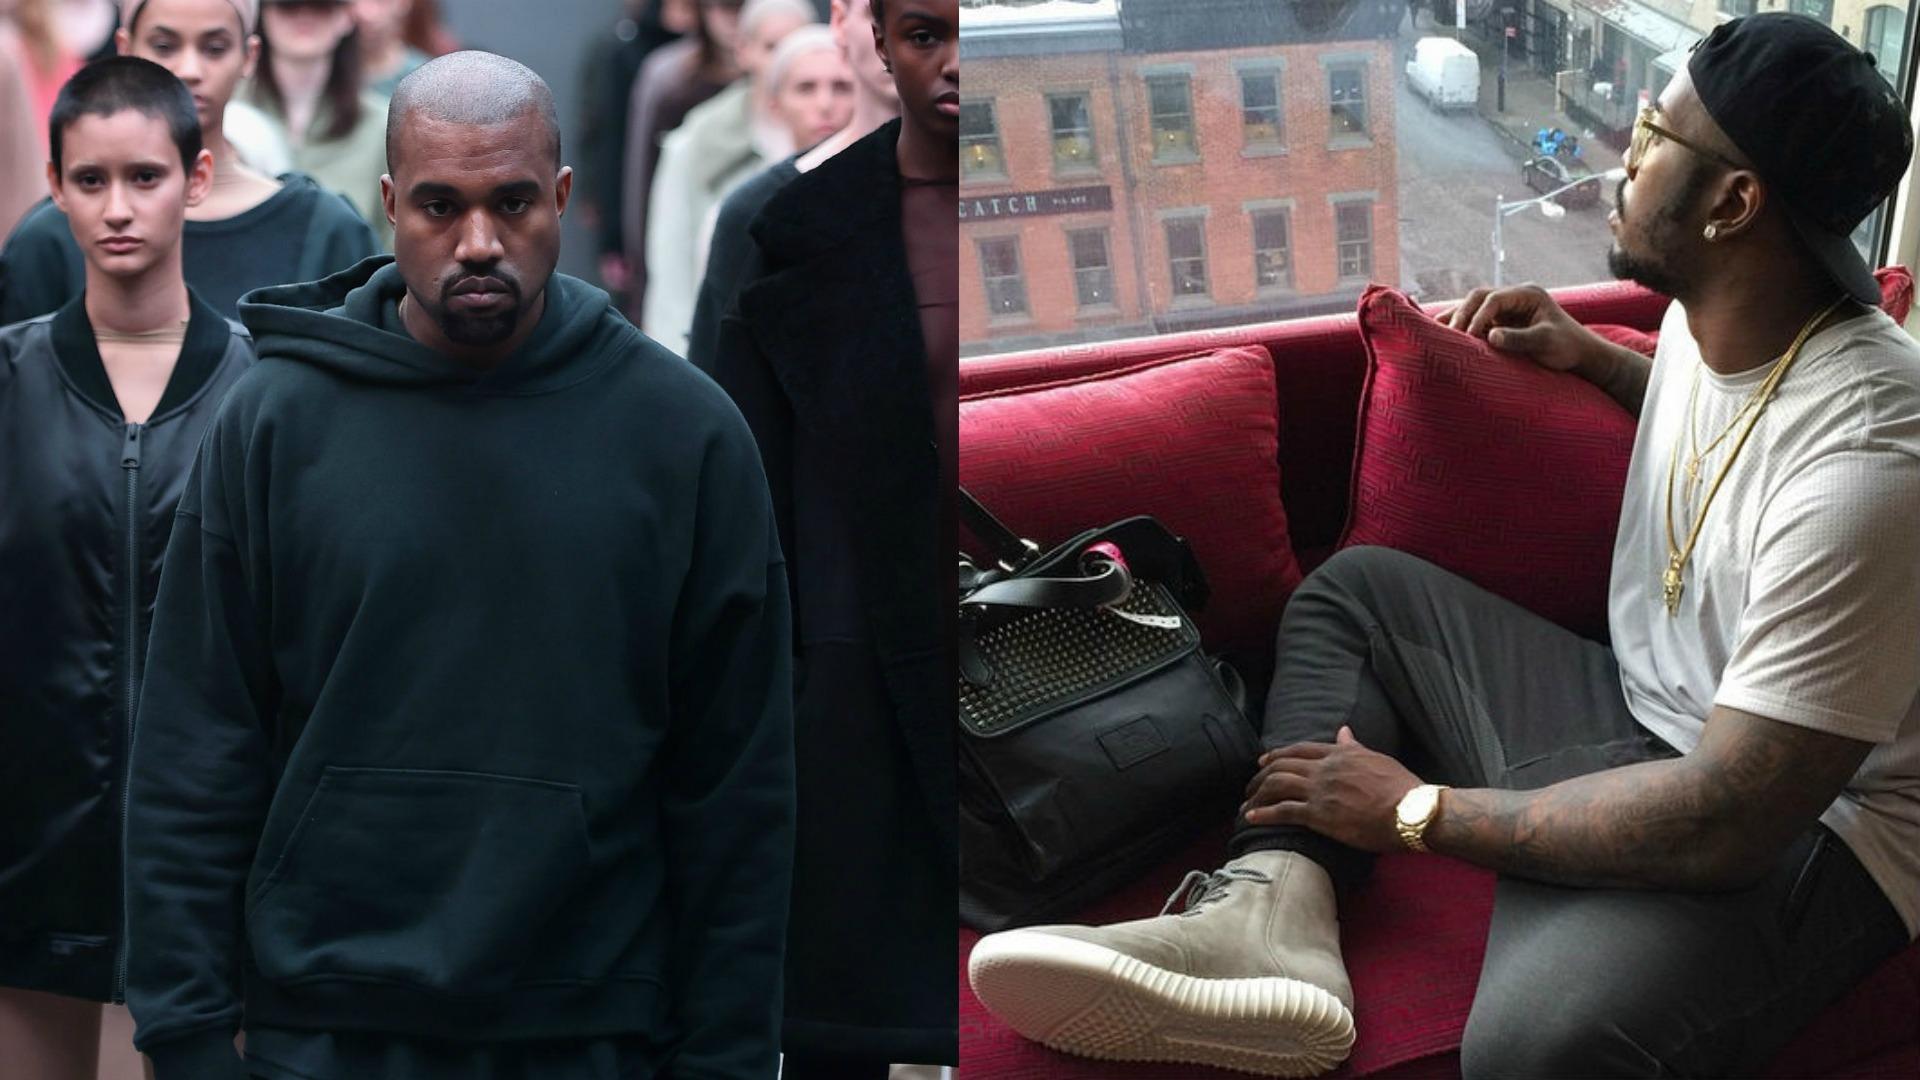 Kanye-VonMiller-021315-FTR-Getty.jpg